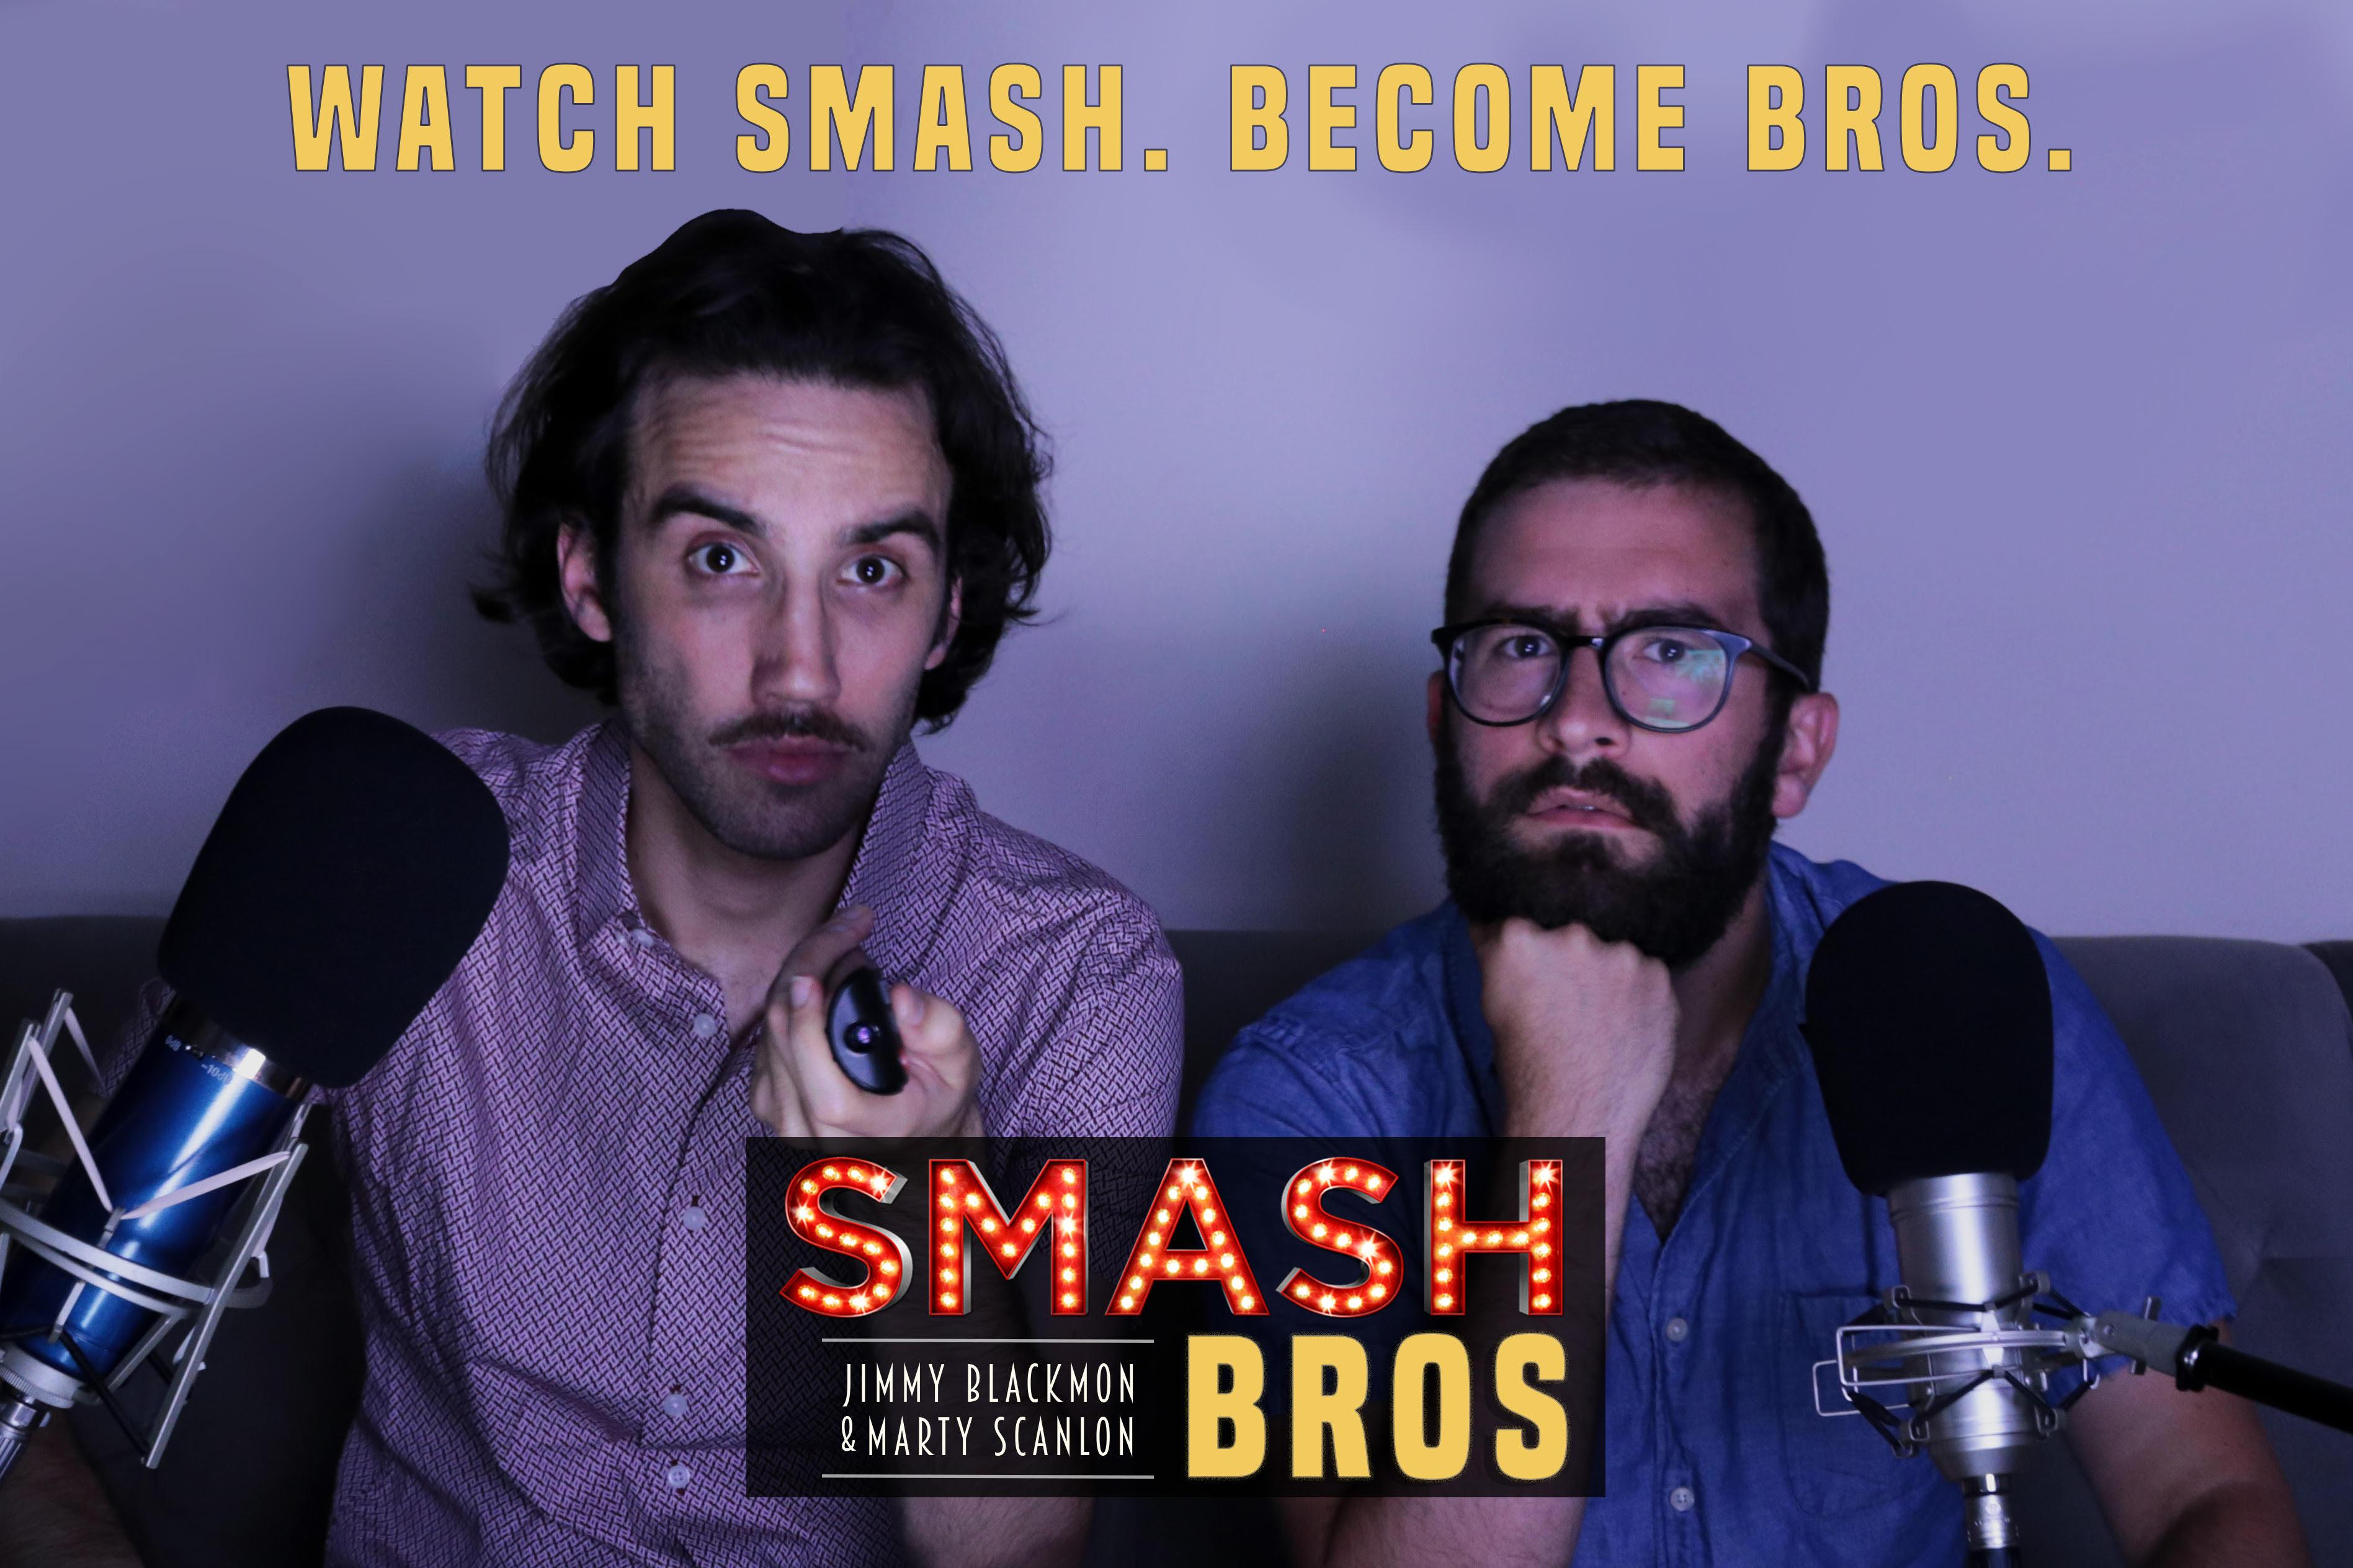 Smashbrosimage